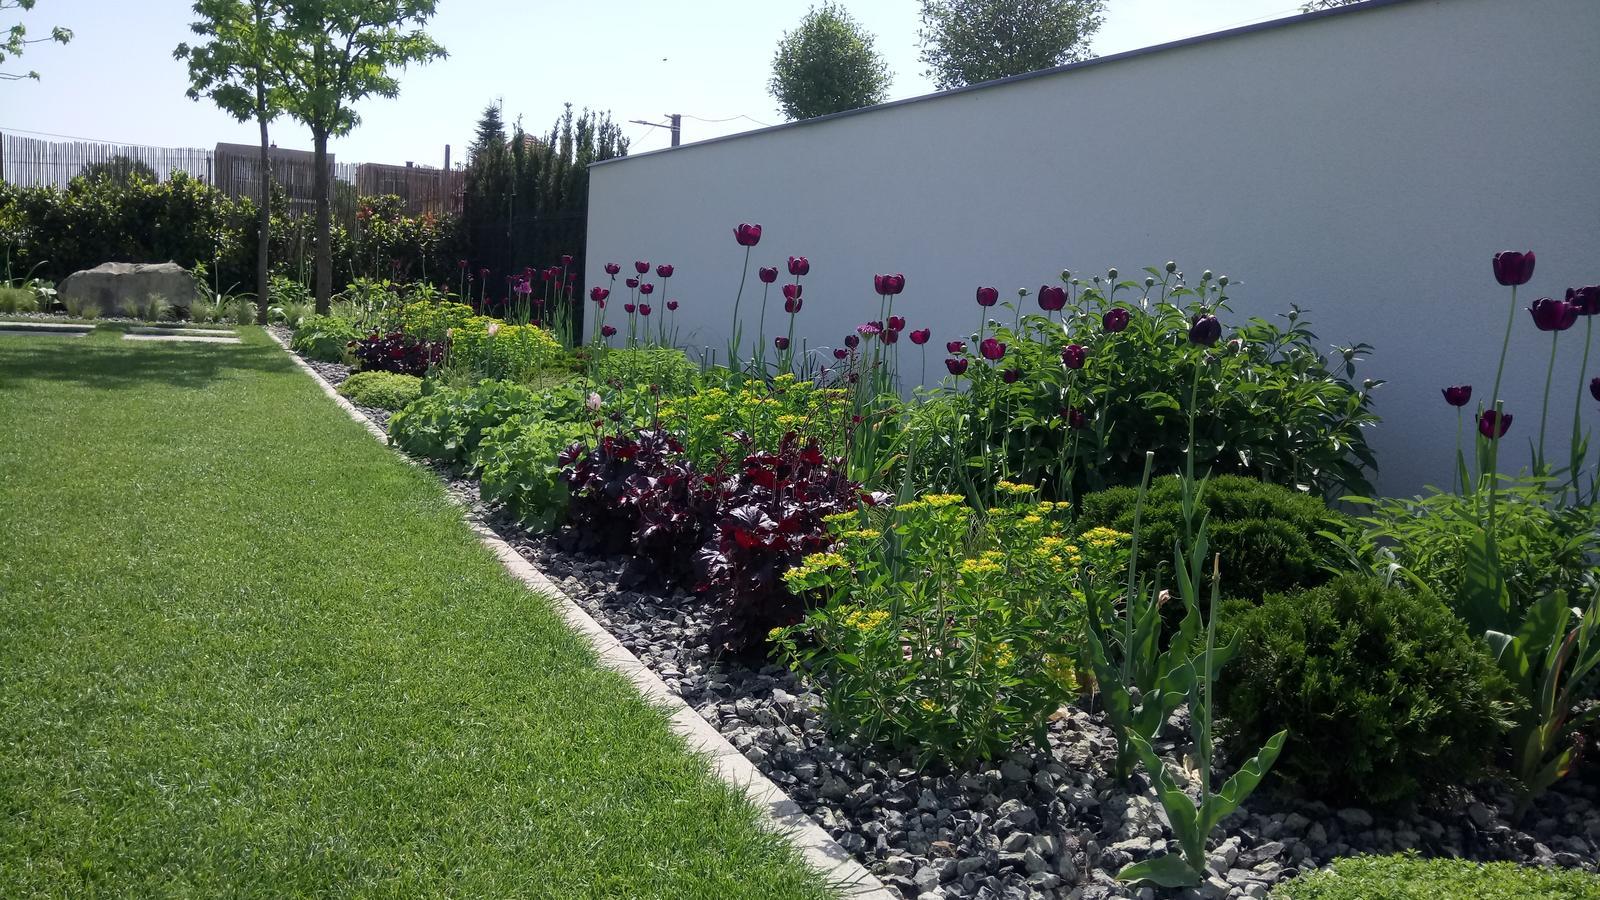 Zahrada 2017 - Obrázok č. 52